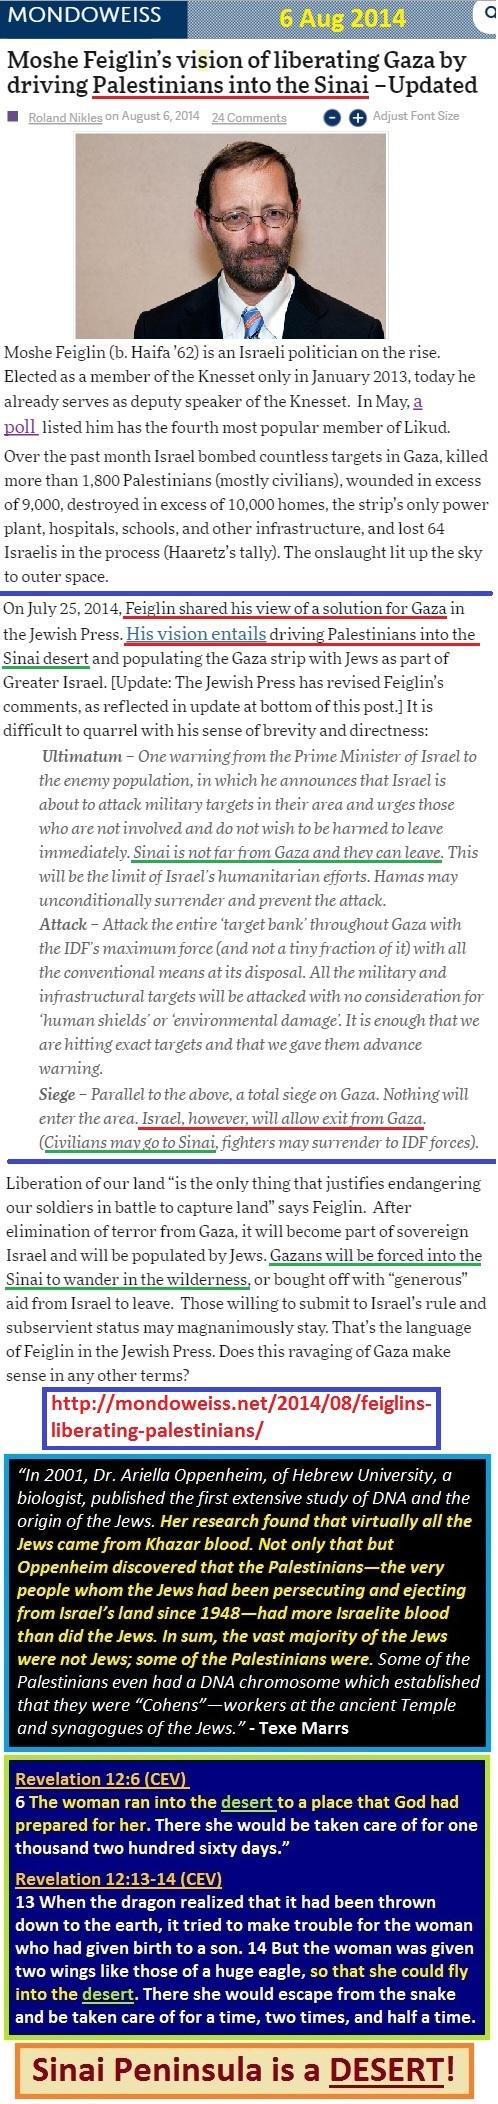 http://mondoweiss.net/2014/08/feiglins-liberating-palestinians/